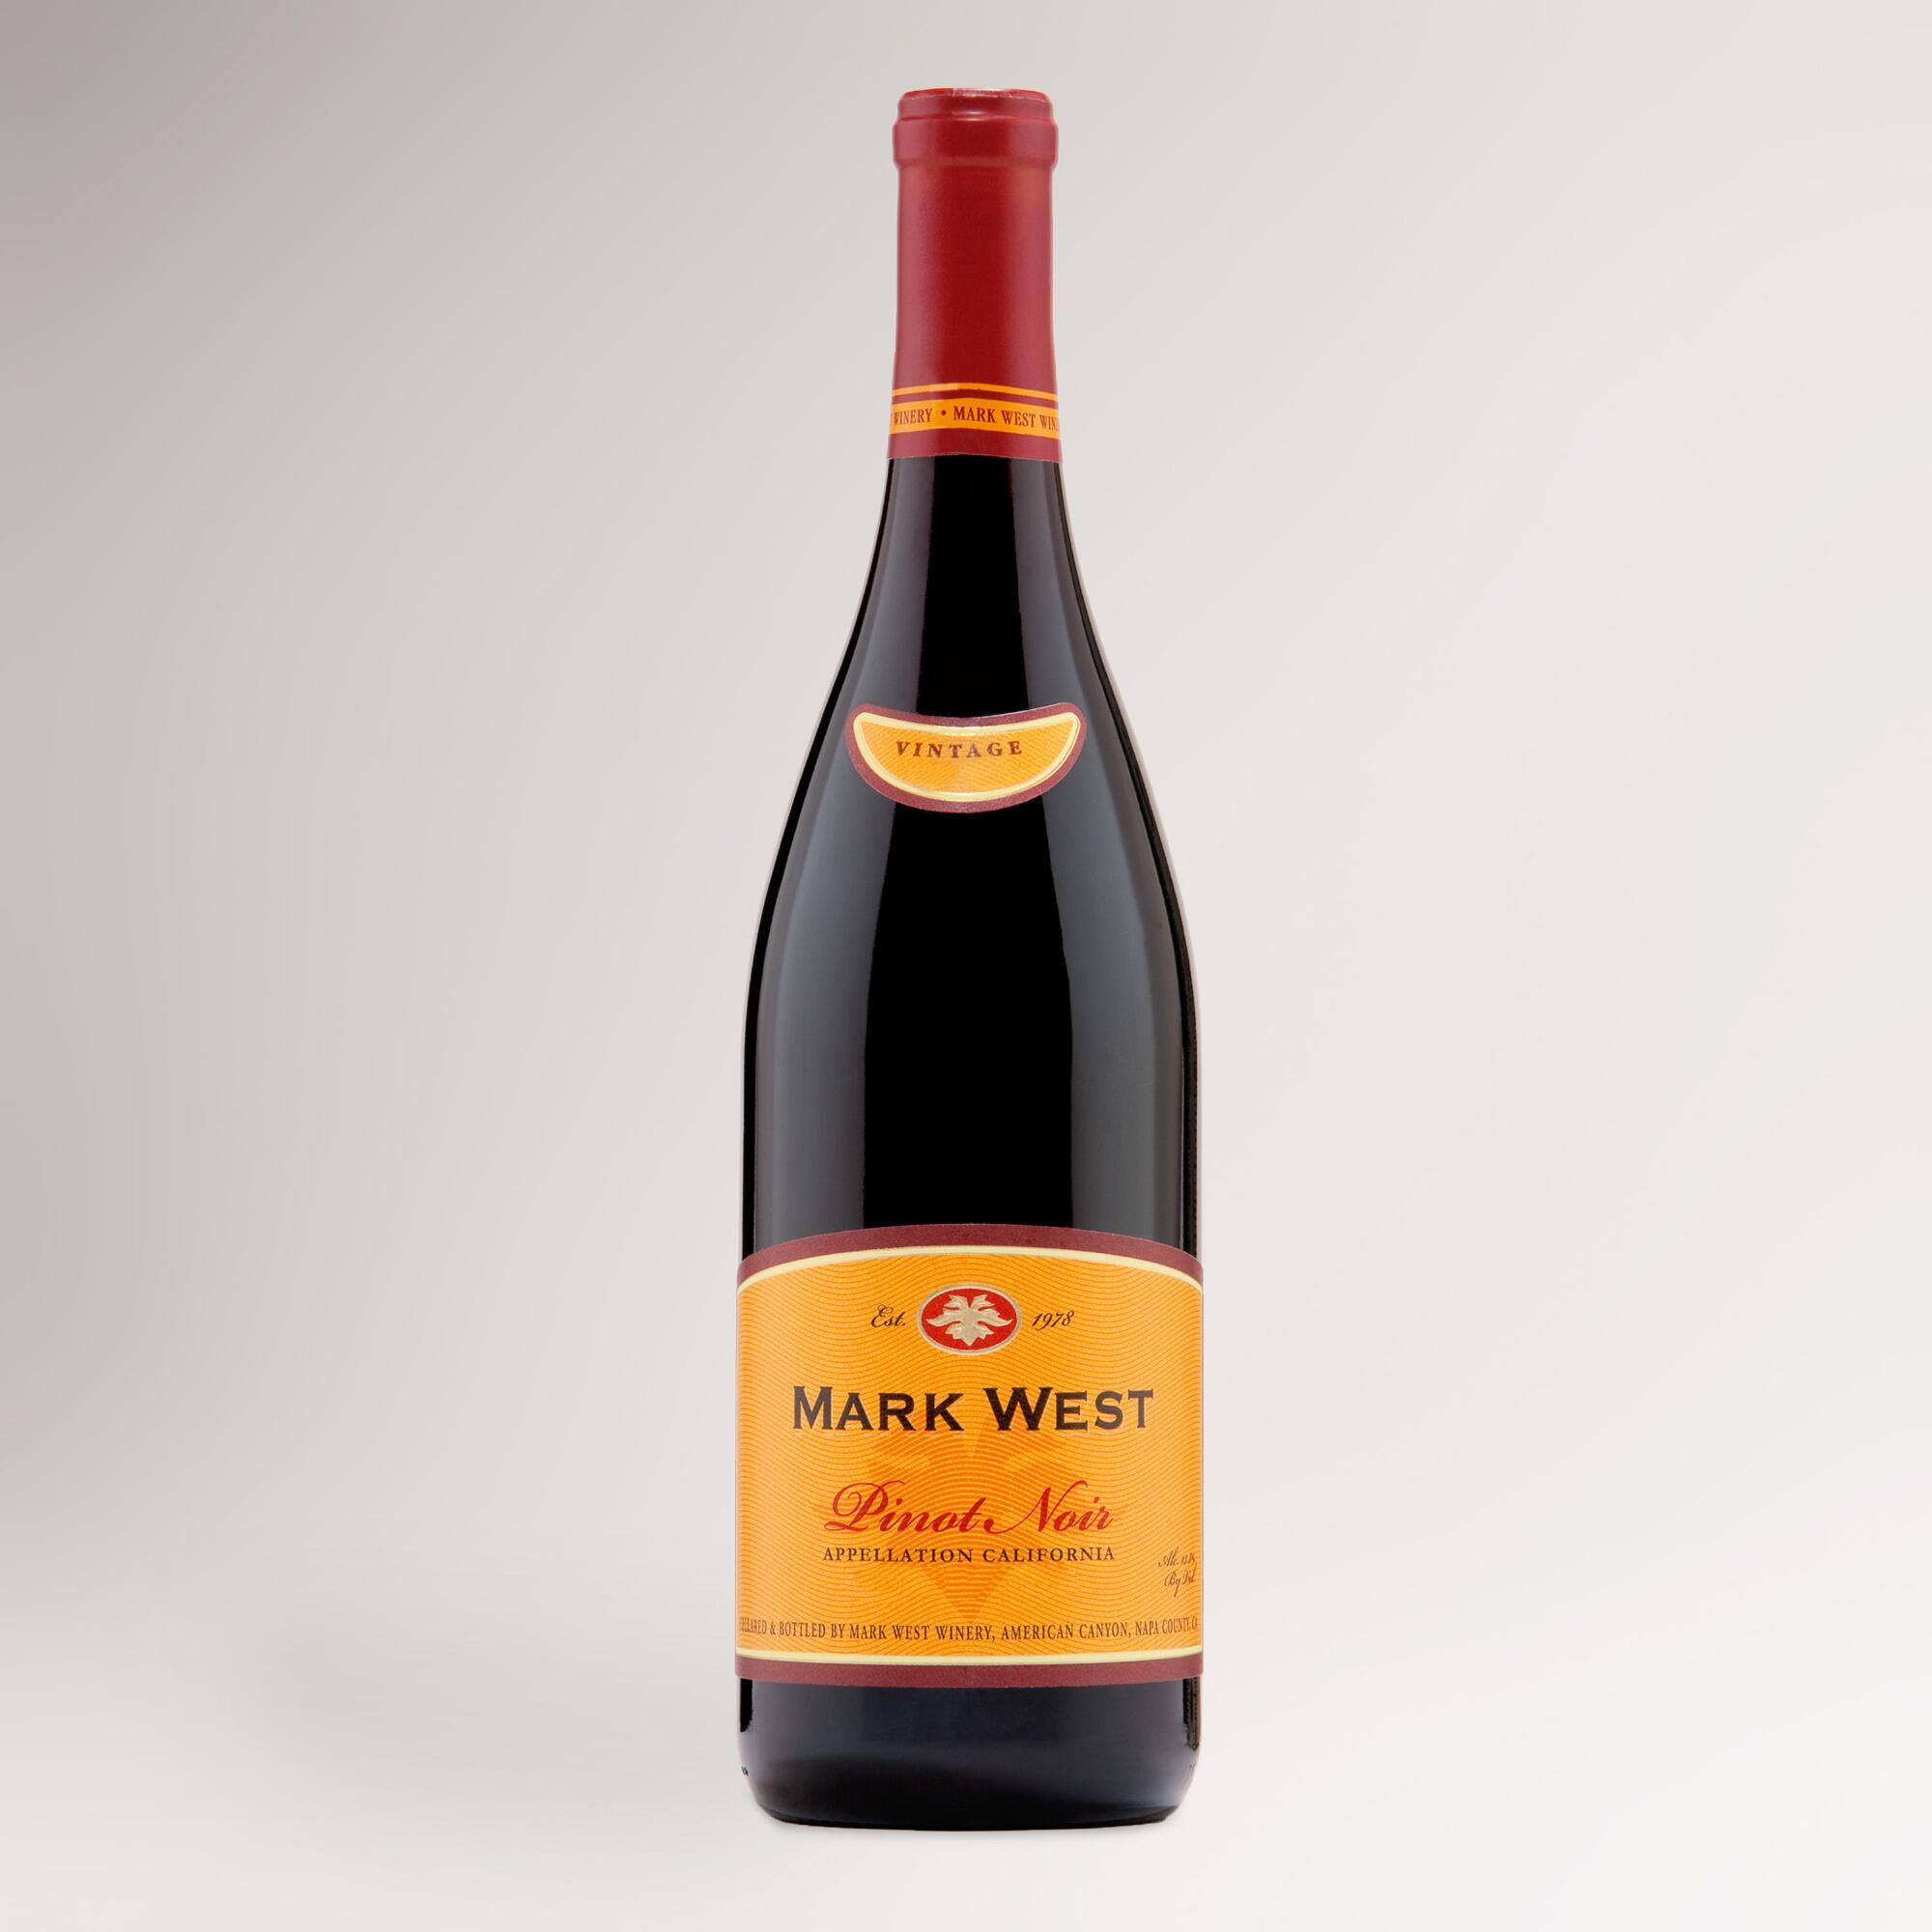 Mark West Pinot Noir Caddy S Discount Liquor Store